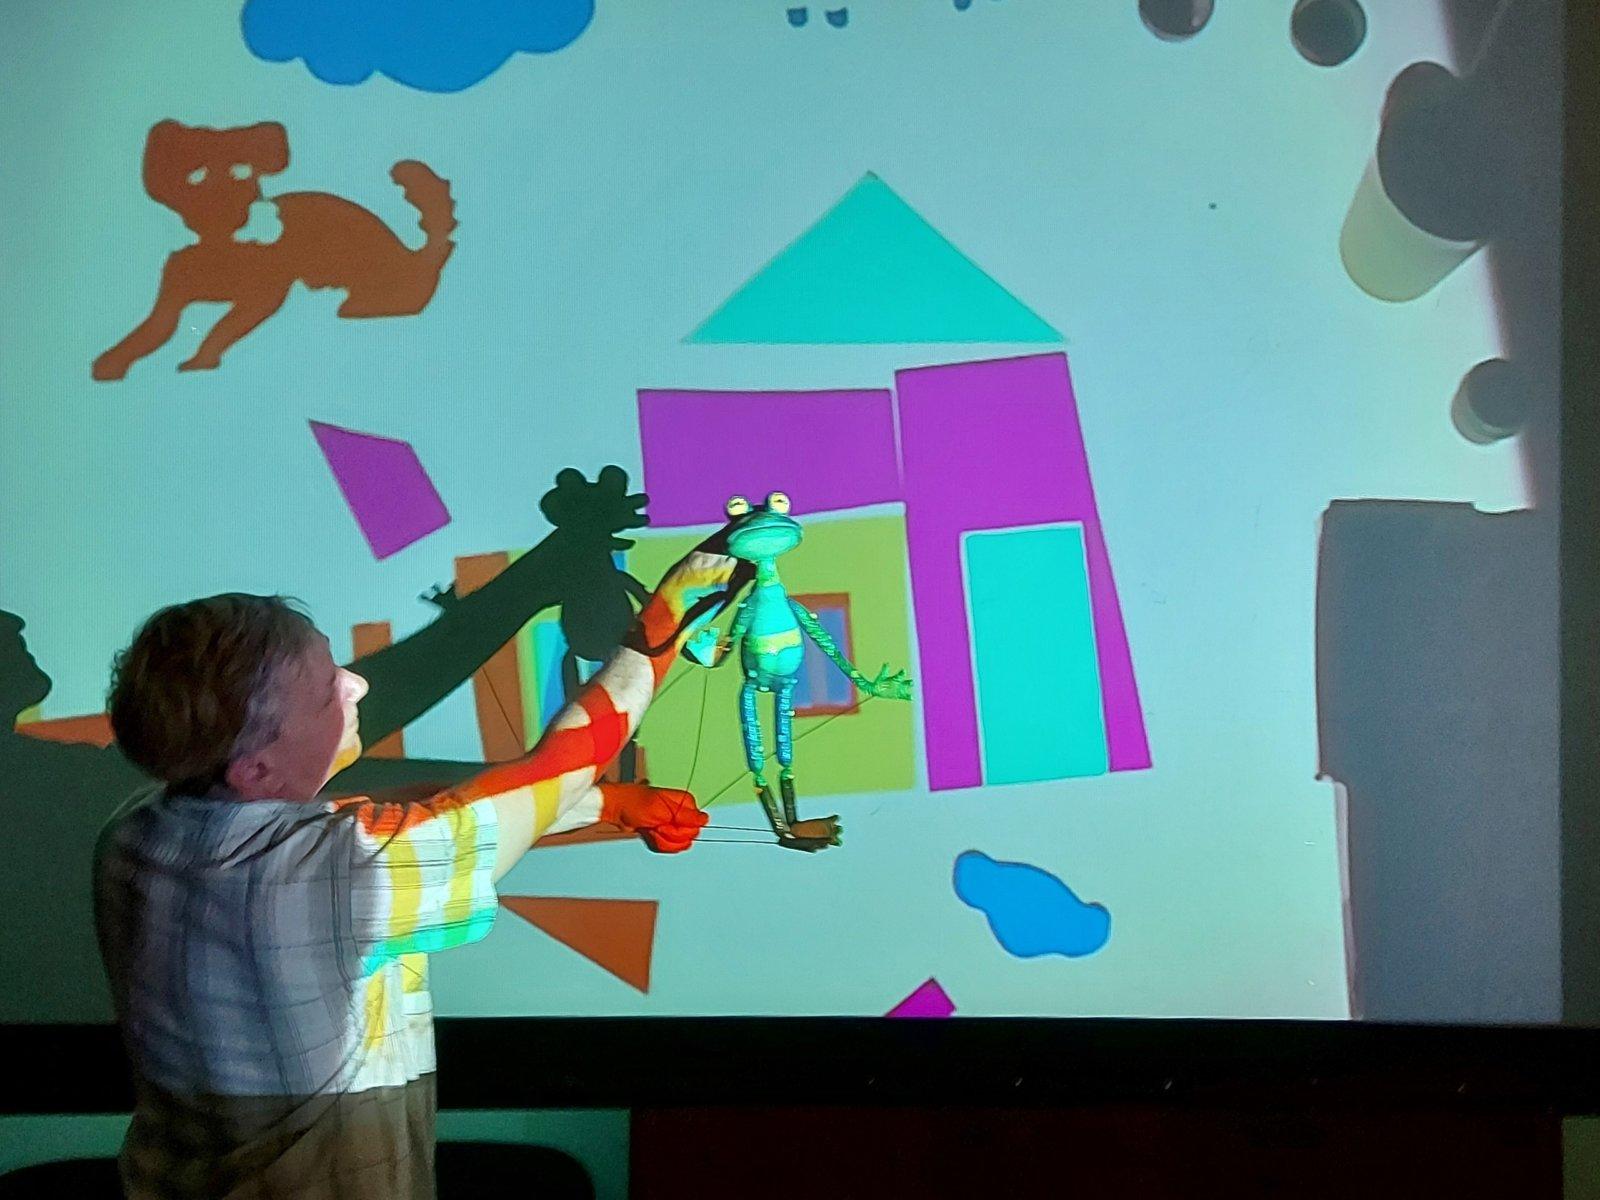 Омский «Арлекин» готовит спектакль с интерактивными декорациями